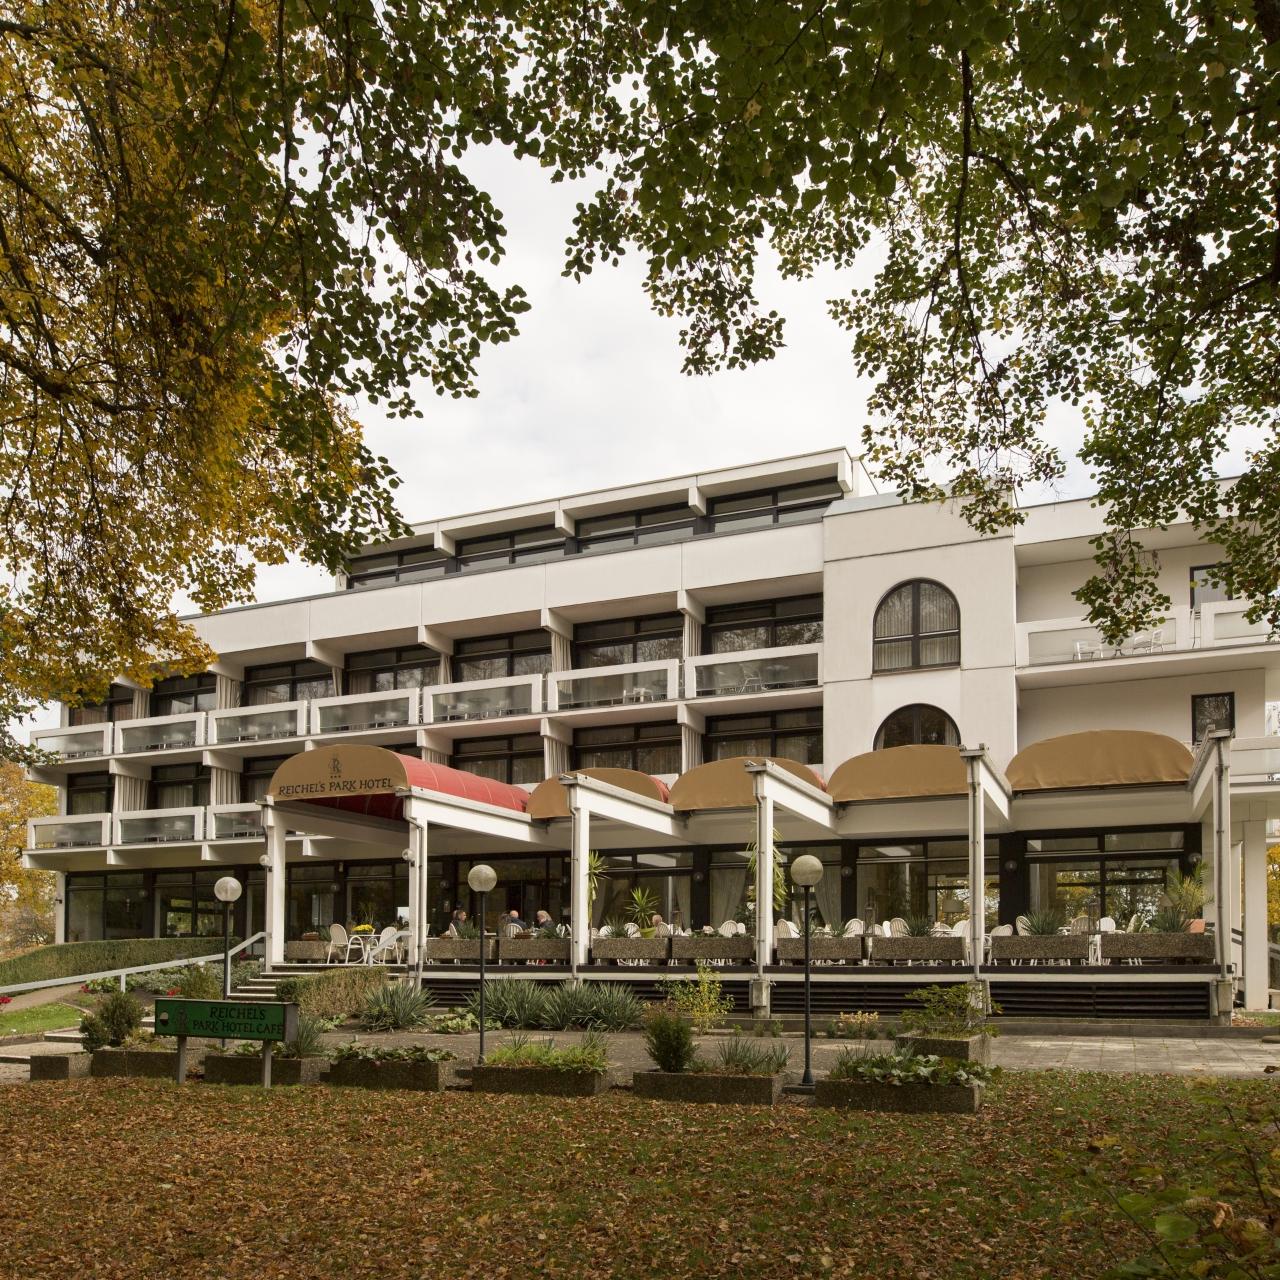 Full Size of Reichels Parkhotel 3 Hrs Star Hotel In Bad Windsheim Bavaria Mürz Füssing Einbaustrahler Brückenau Honnef Sachsa Bademäntel Indirekte Beleuchtung Bad Hotel Bad Windsheim